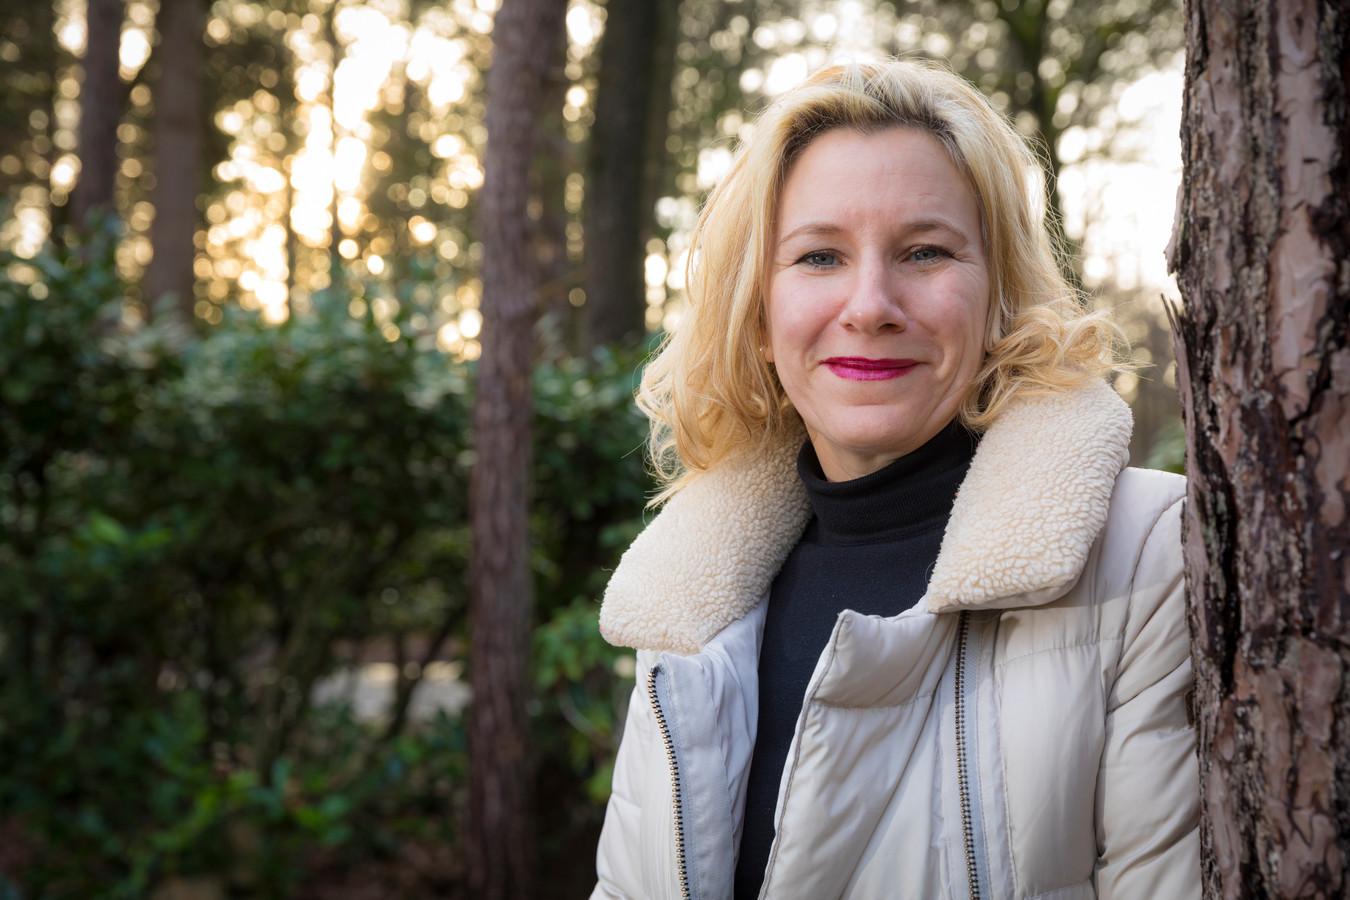 Burgemeester Jacqueline Koops-Scheele van Heerde: 'Vrouwen zijn capabel genoeg'